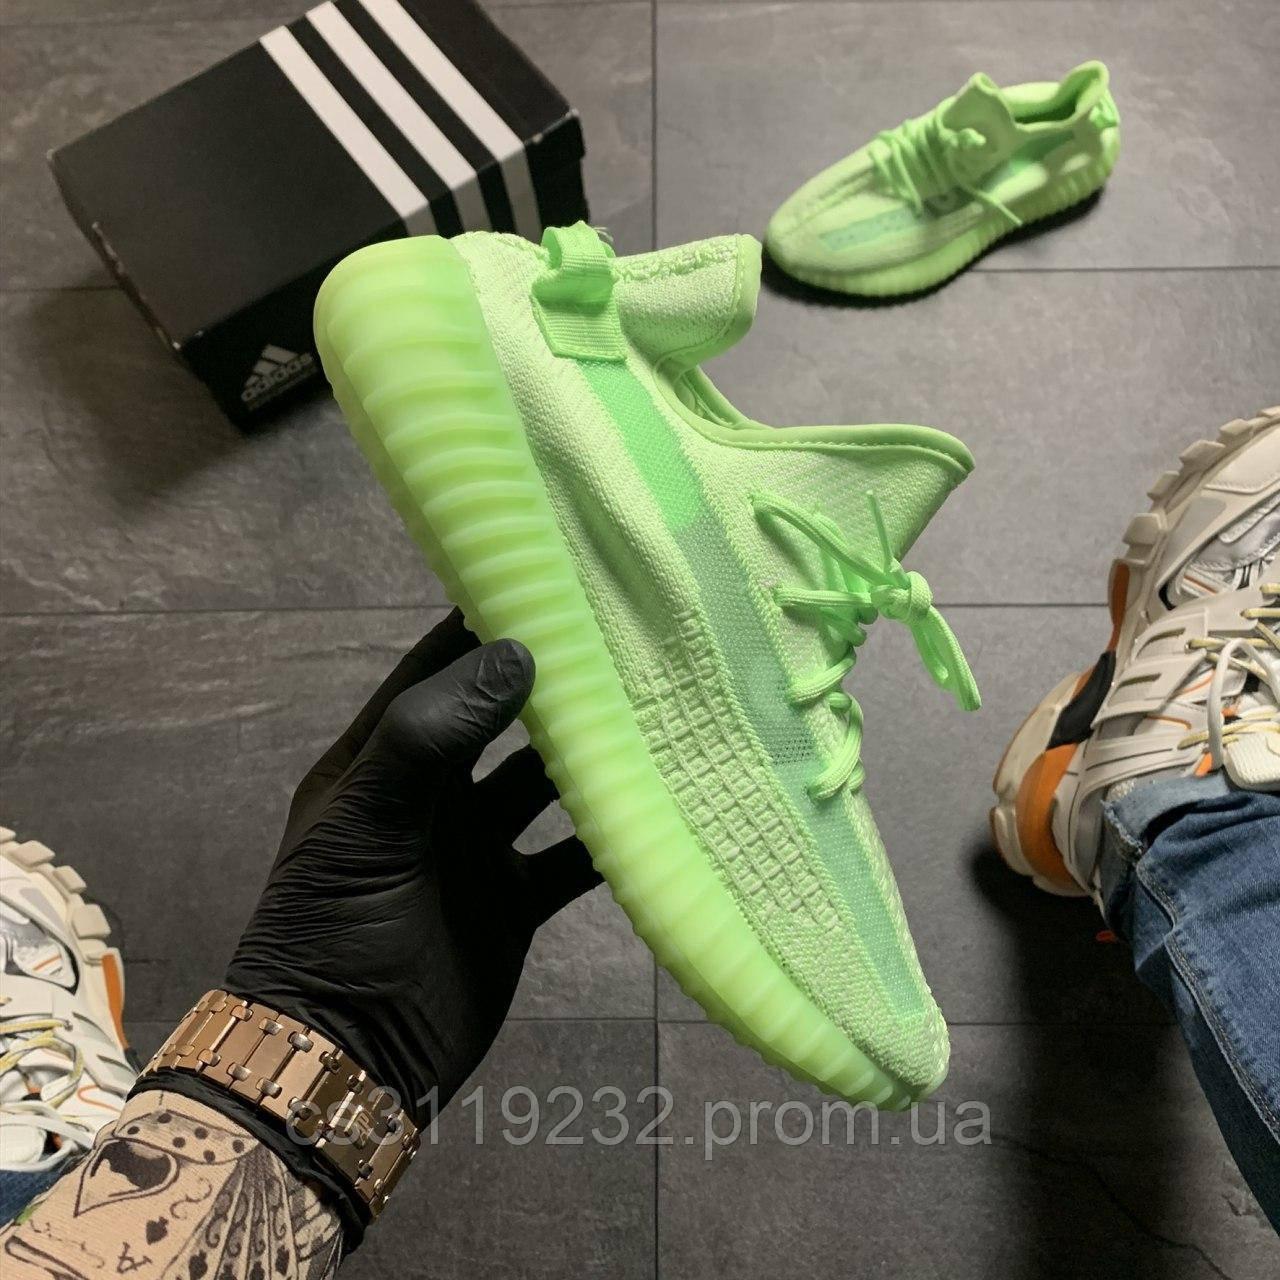 Чоловічі кросівки Adidas Yeezy Boost 350 v2 Green (зелені)